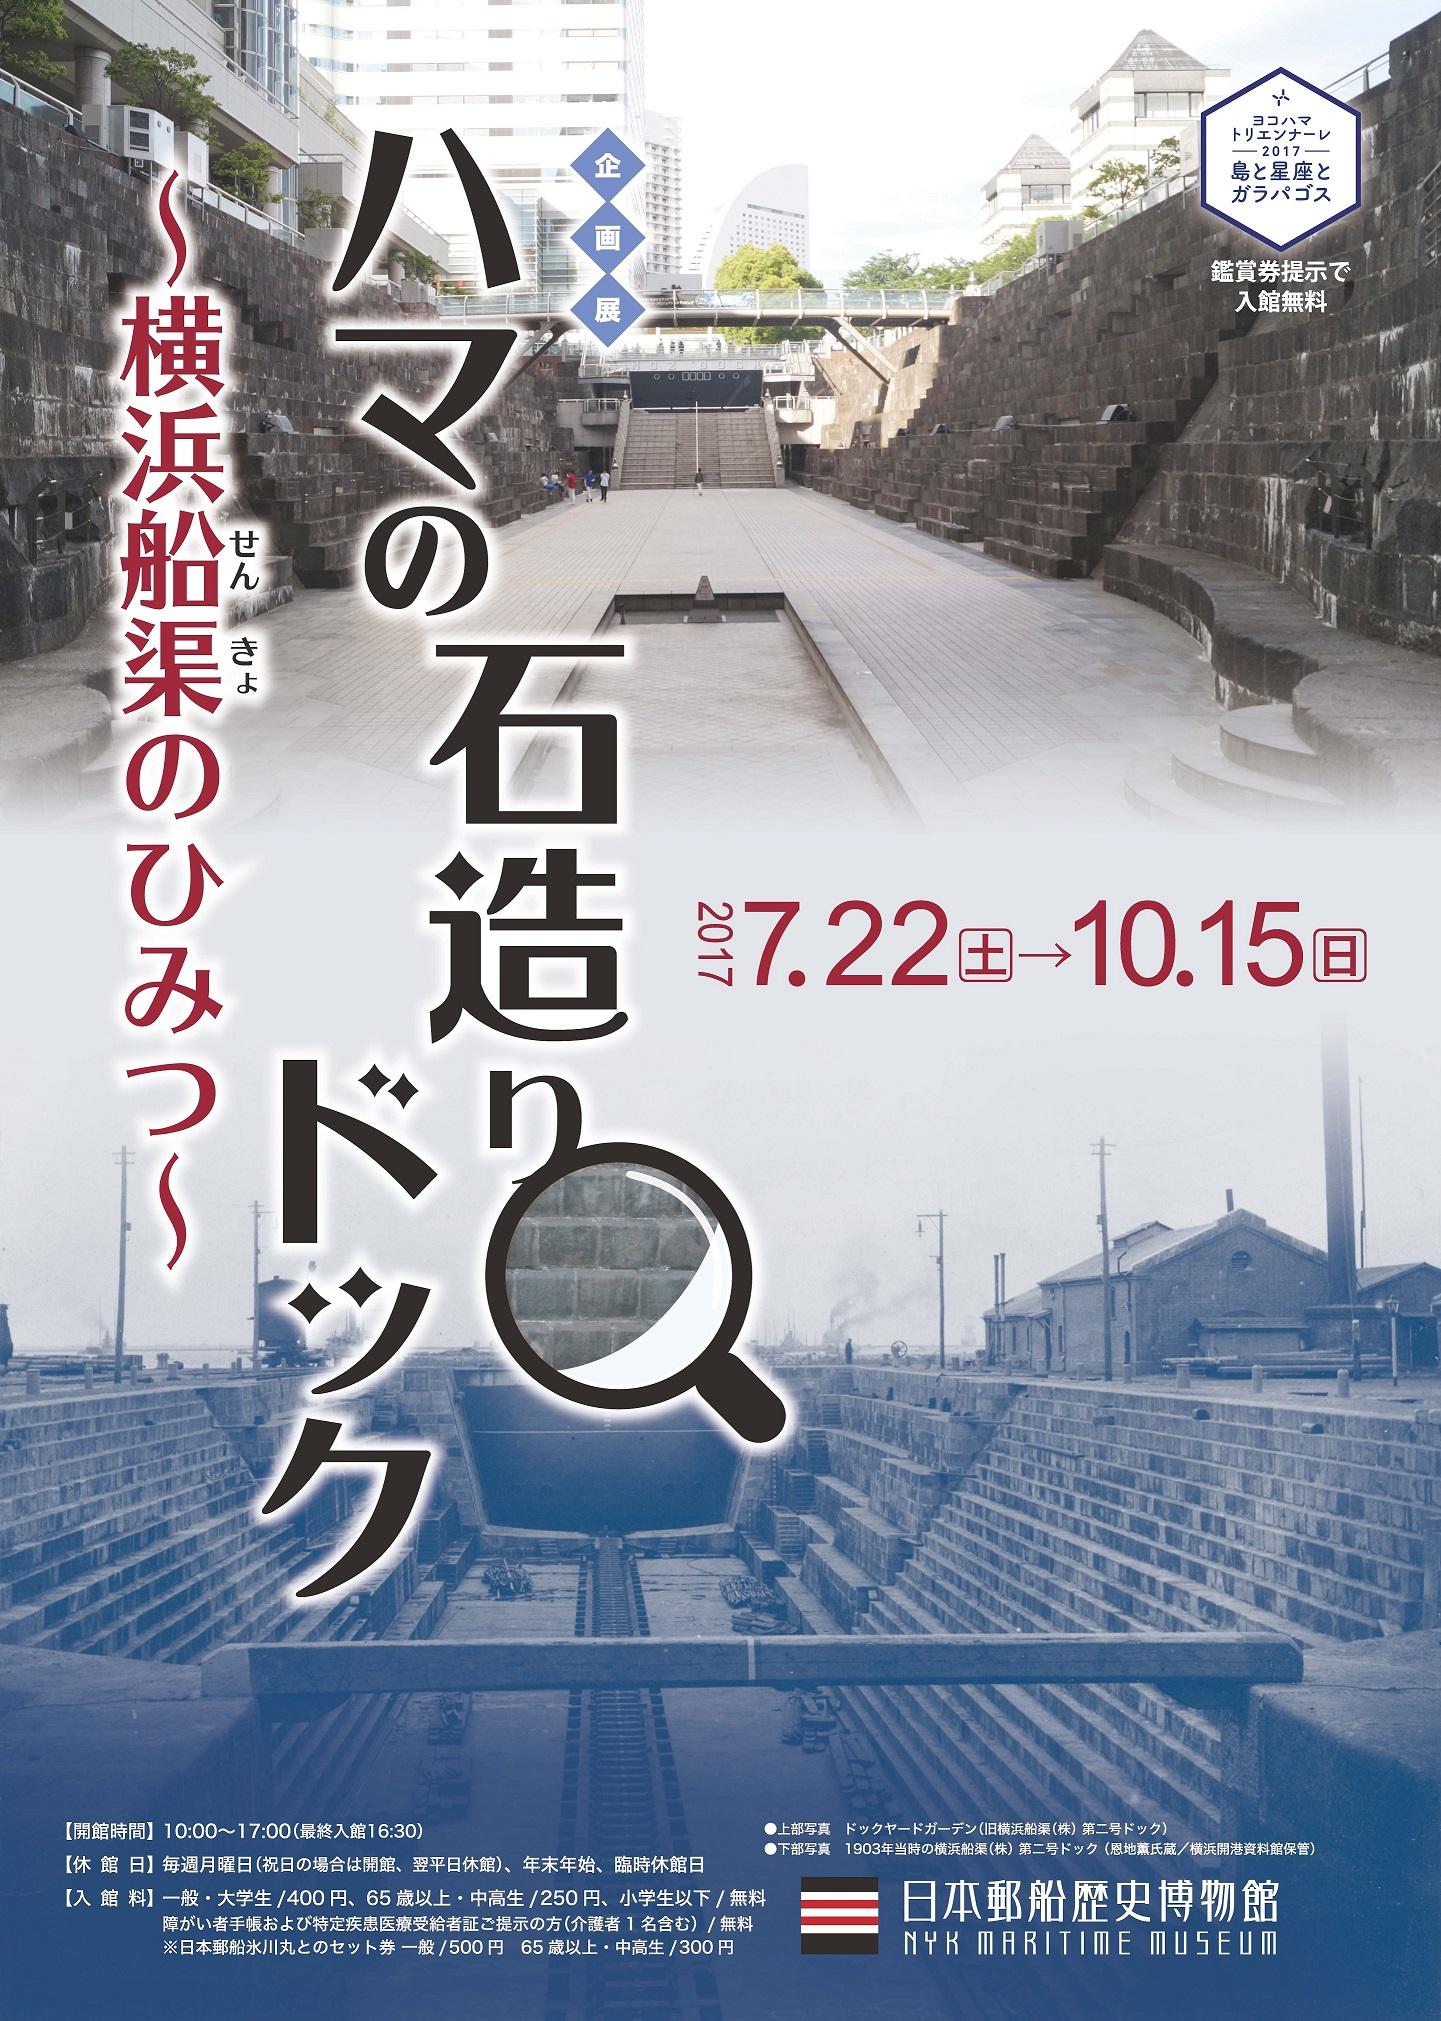 企画展「ハマの石造りドック~横浜船渠(せんきょ)のひみつ~」 開催